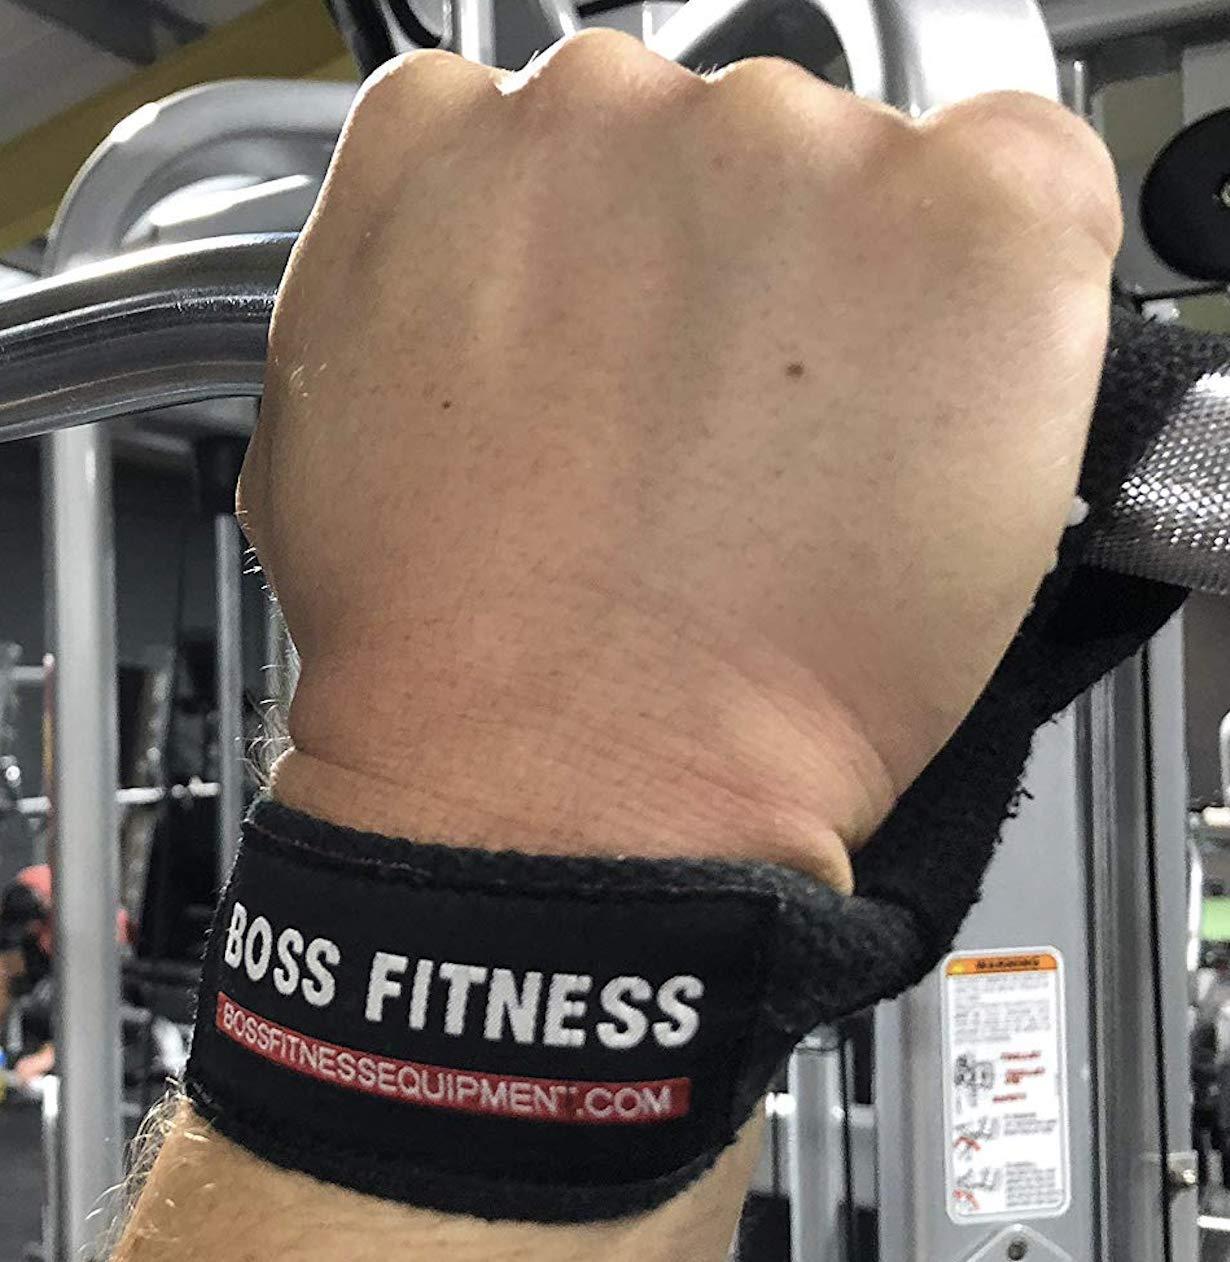 Levantamiento de pesas Correas de gimnasia con barra de agarre de goma para culturismo, crossfit, levantamiento de pesas, peso muerto BOSS FITNESS: ...